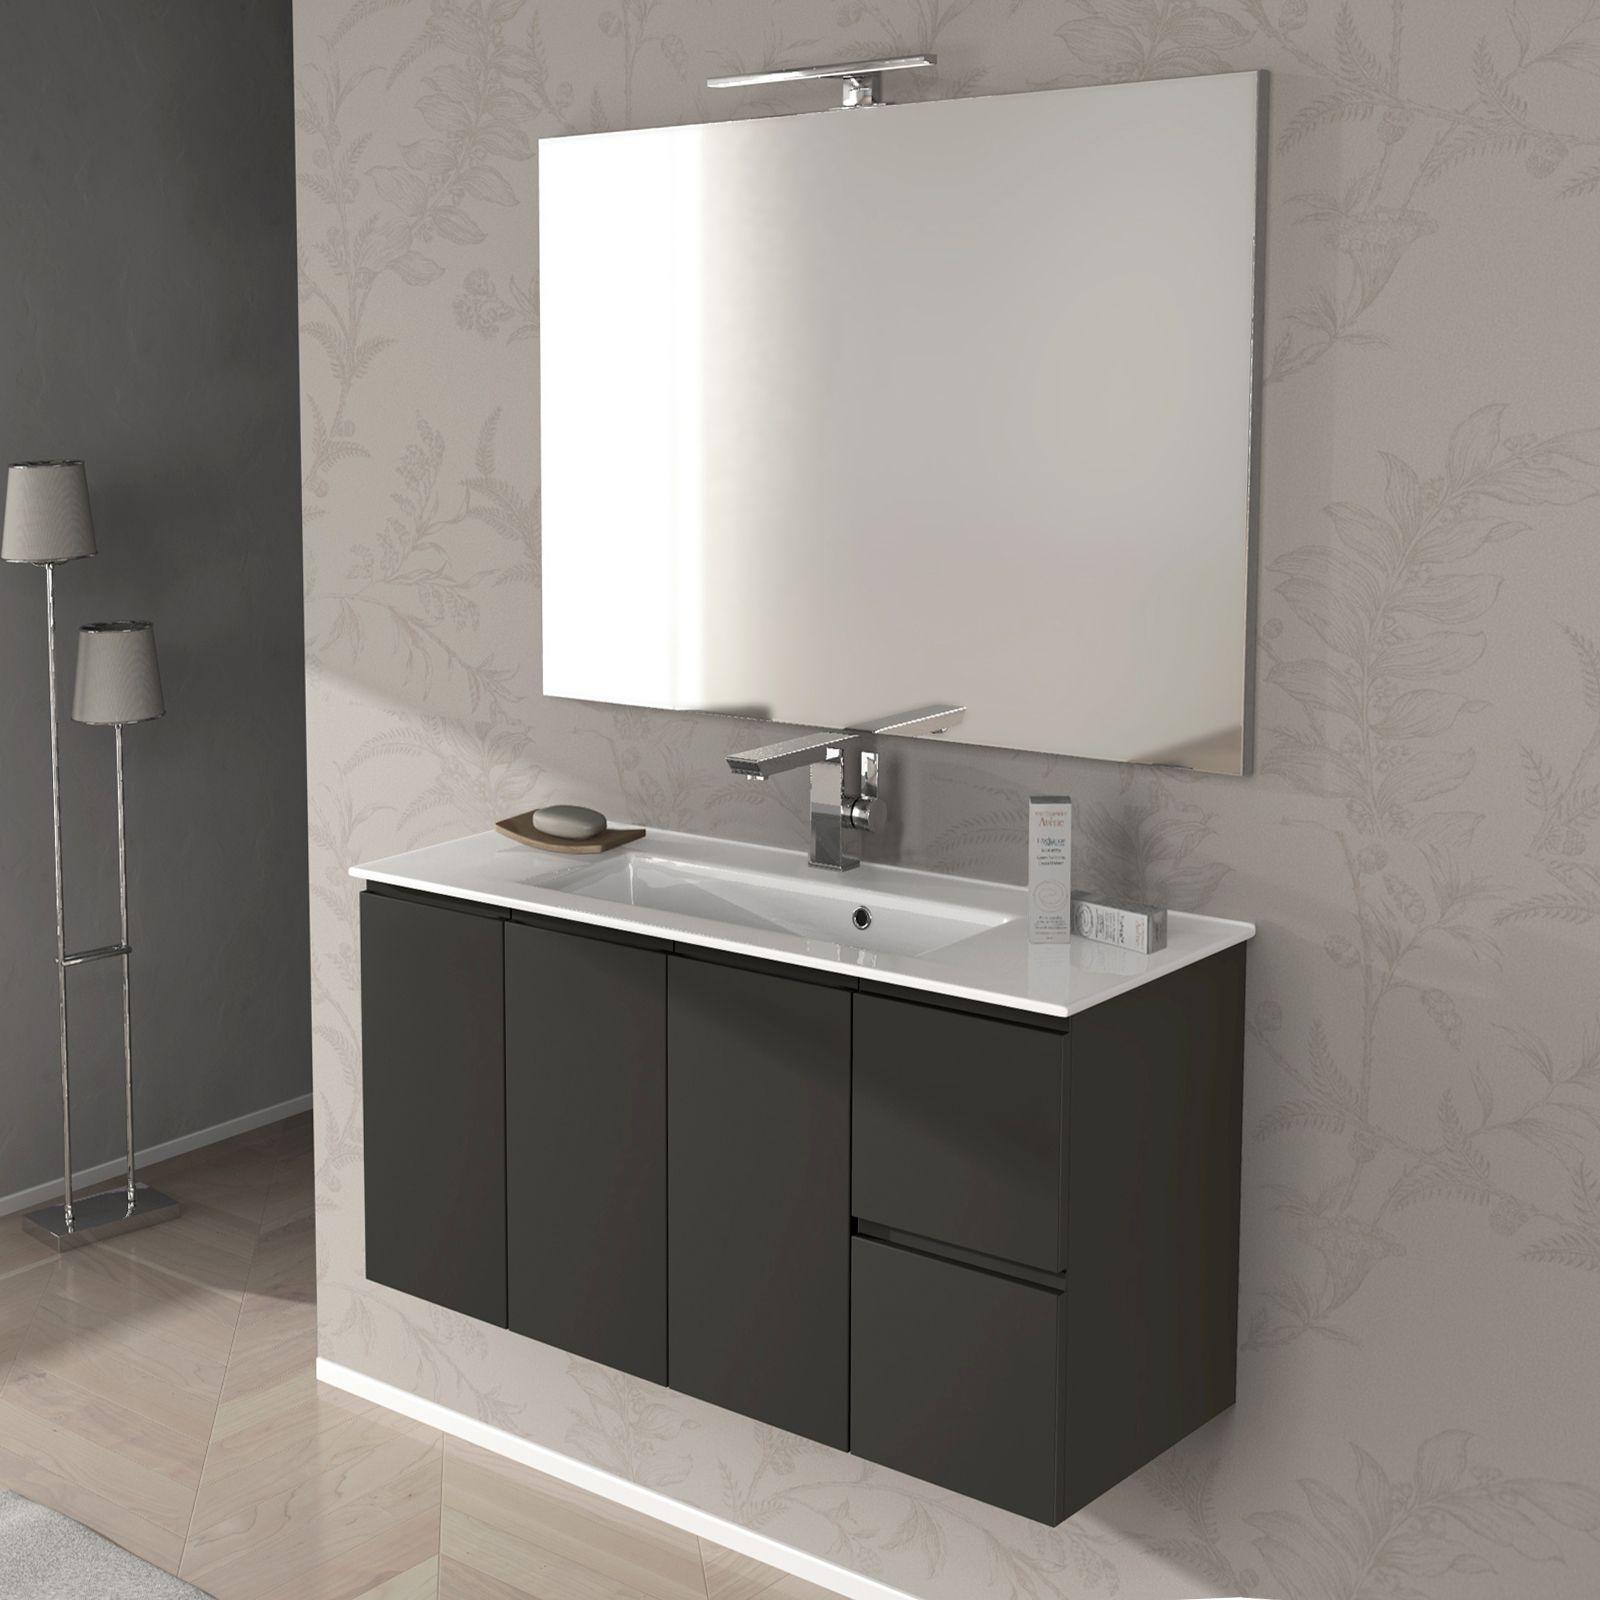 Mobile bagno giulia cm 100 bianco lucido e grigio talpa for Lavabo con mobile